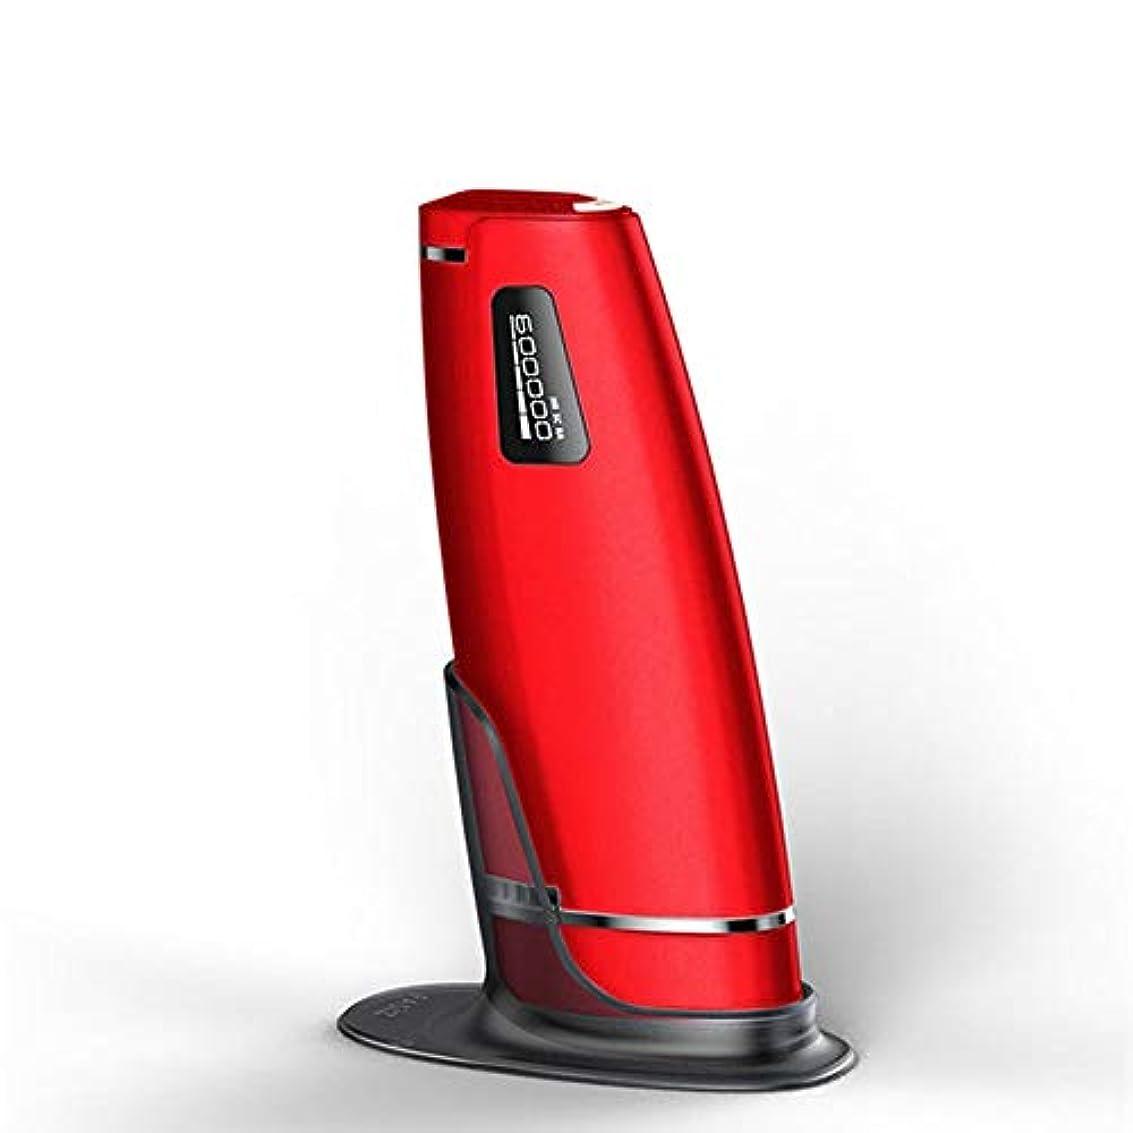 テープパケット添付高男 レッド、デュアルモード、ホームオートマチックノーダメージペインレスヘアリムーバー、ポータブルパーマネントヘアリムーバー、5スピード調整、サイズ20.5x4.5x7cm (Color : Red)